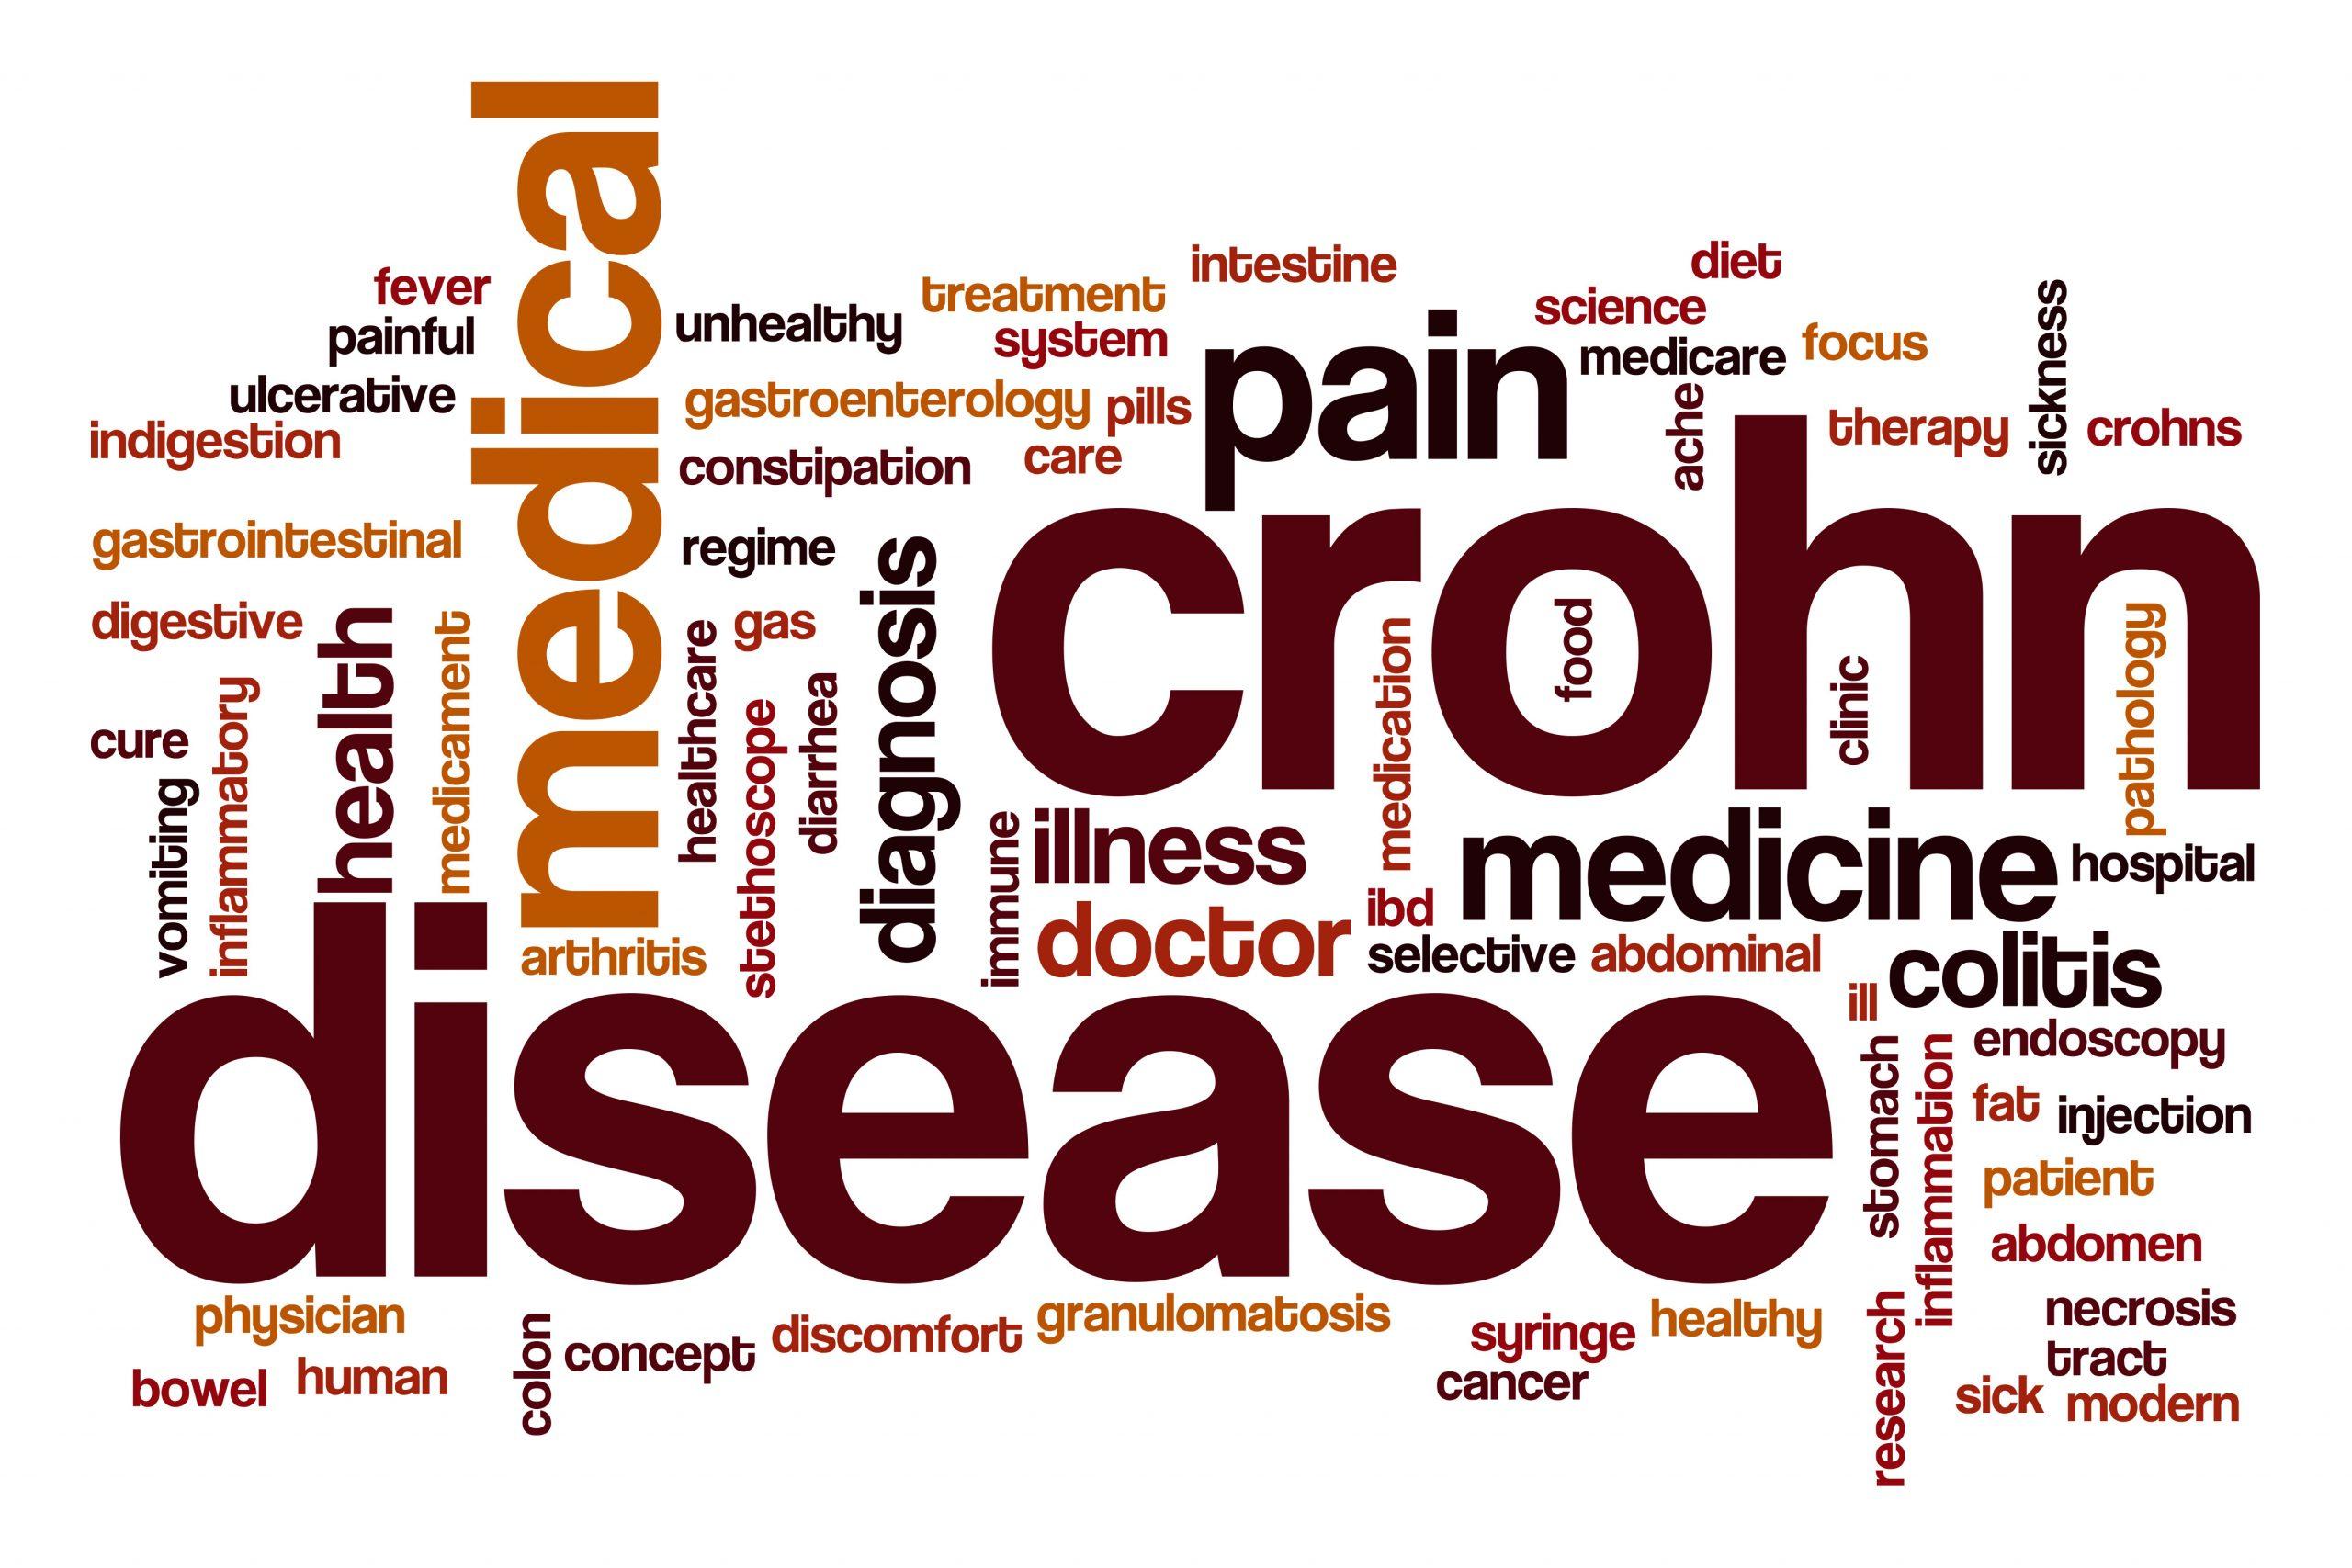 Dieta personalizada para personas con enfermedad de Crohn